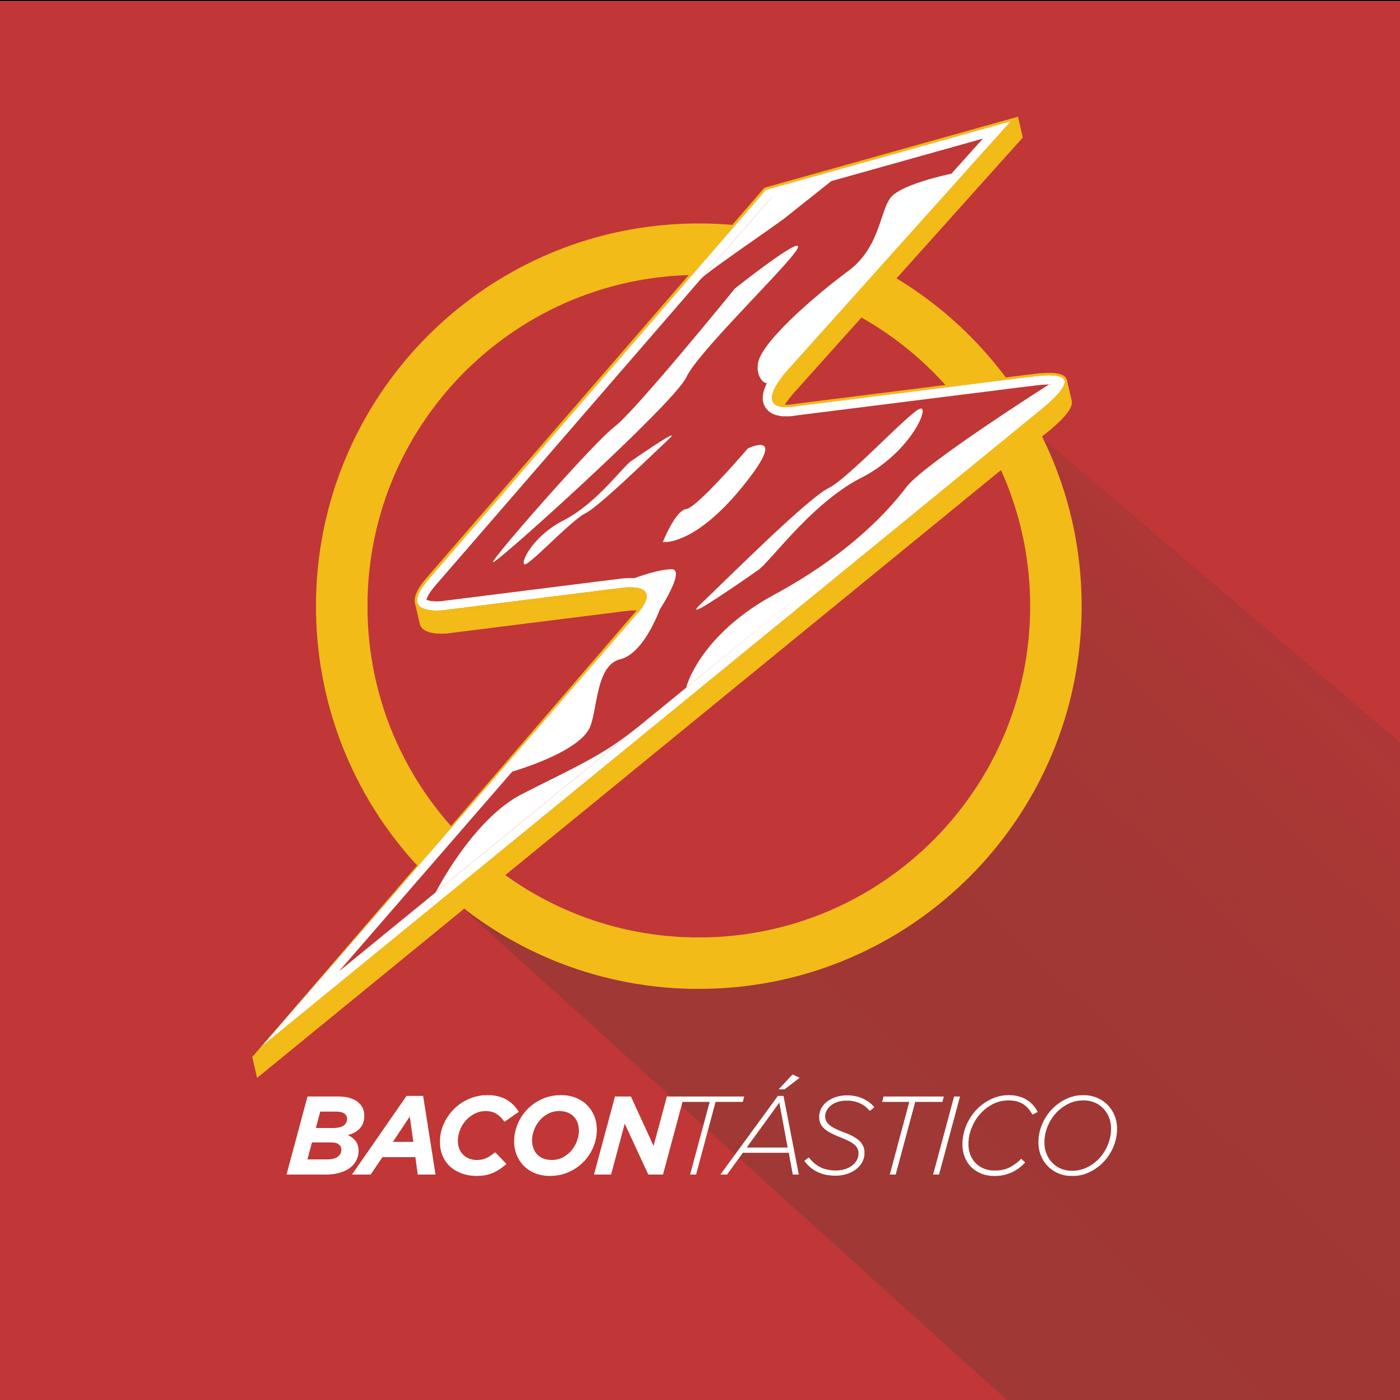 Bacontástico